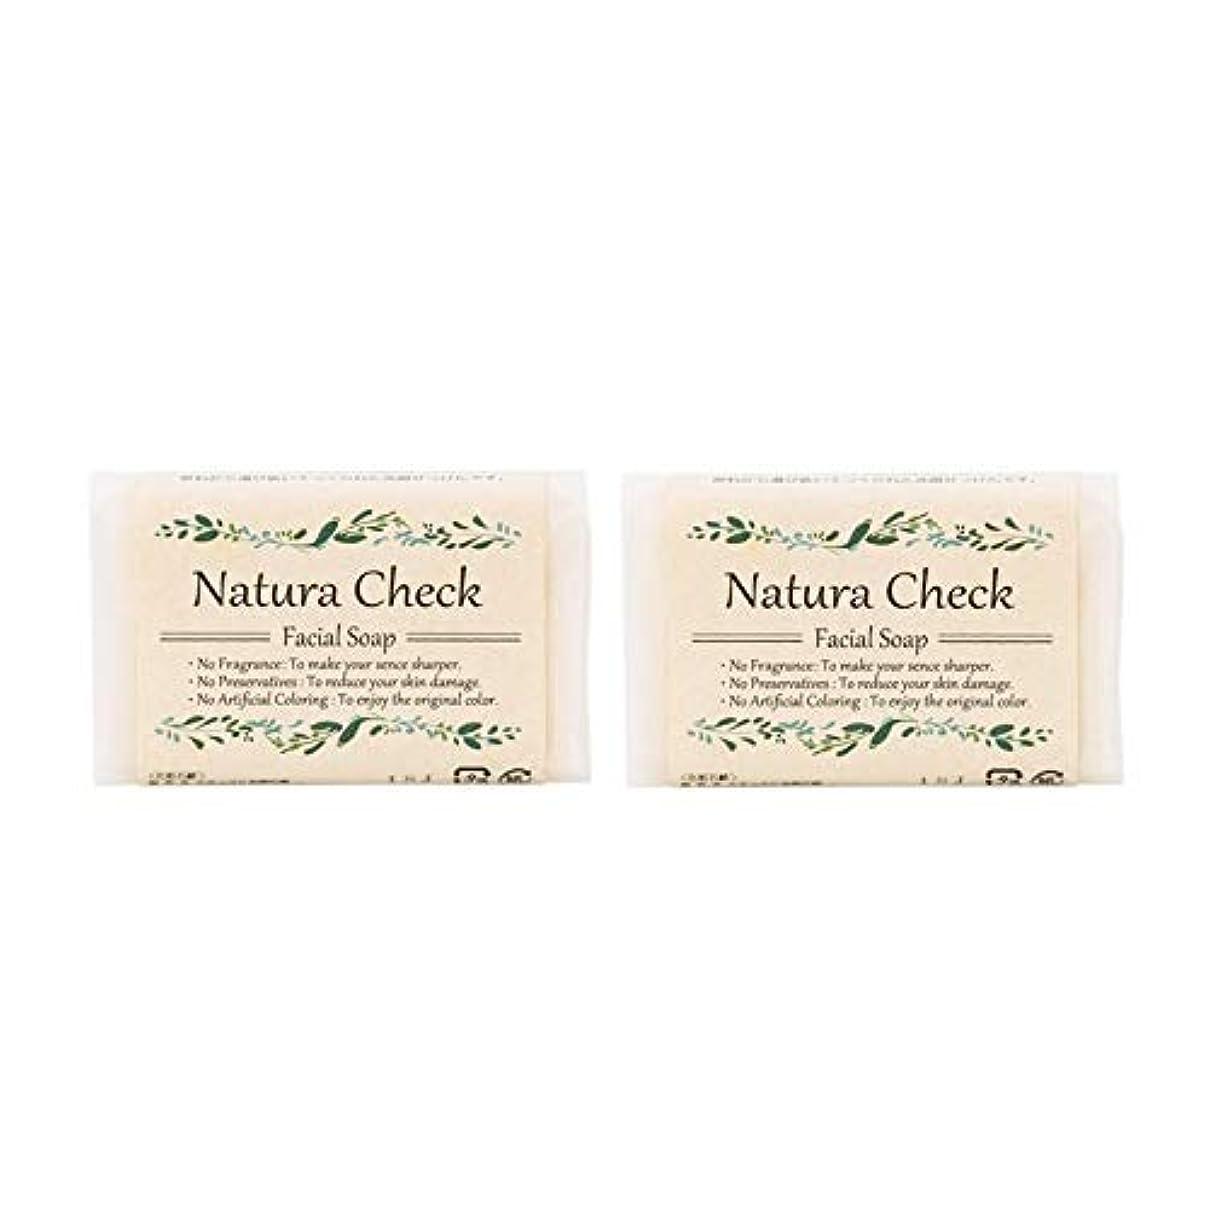 代わっていつでも祖父母を訪問Natura Check 無添加洗顔せっけん80g 2個セット 毛穴の黒ずみ、毛穴の開き、敏感肌、乾燥肌対策に 新生児やアトピー肌にも安心